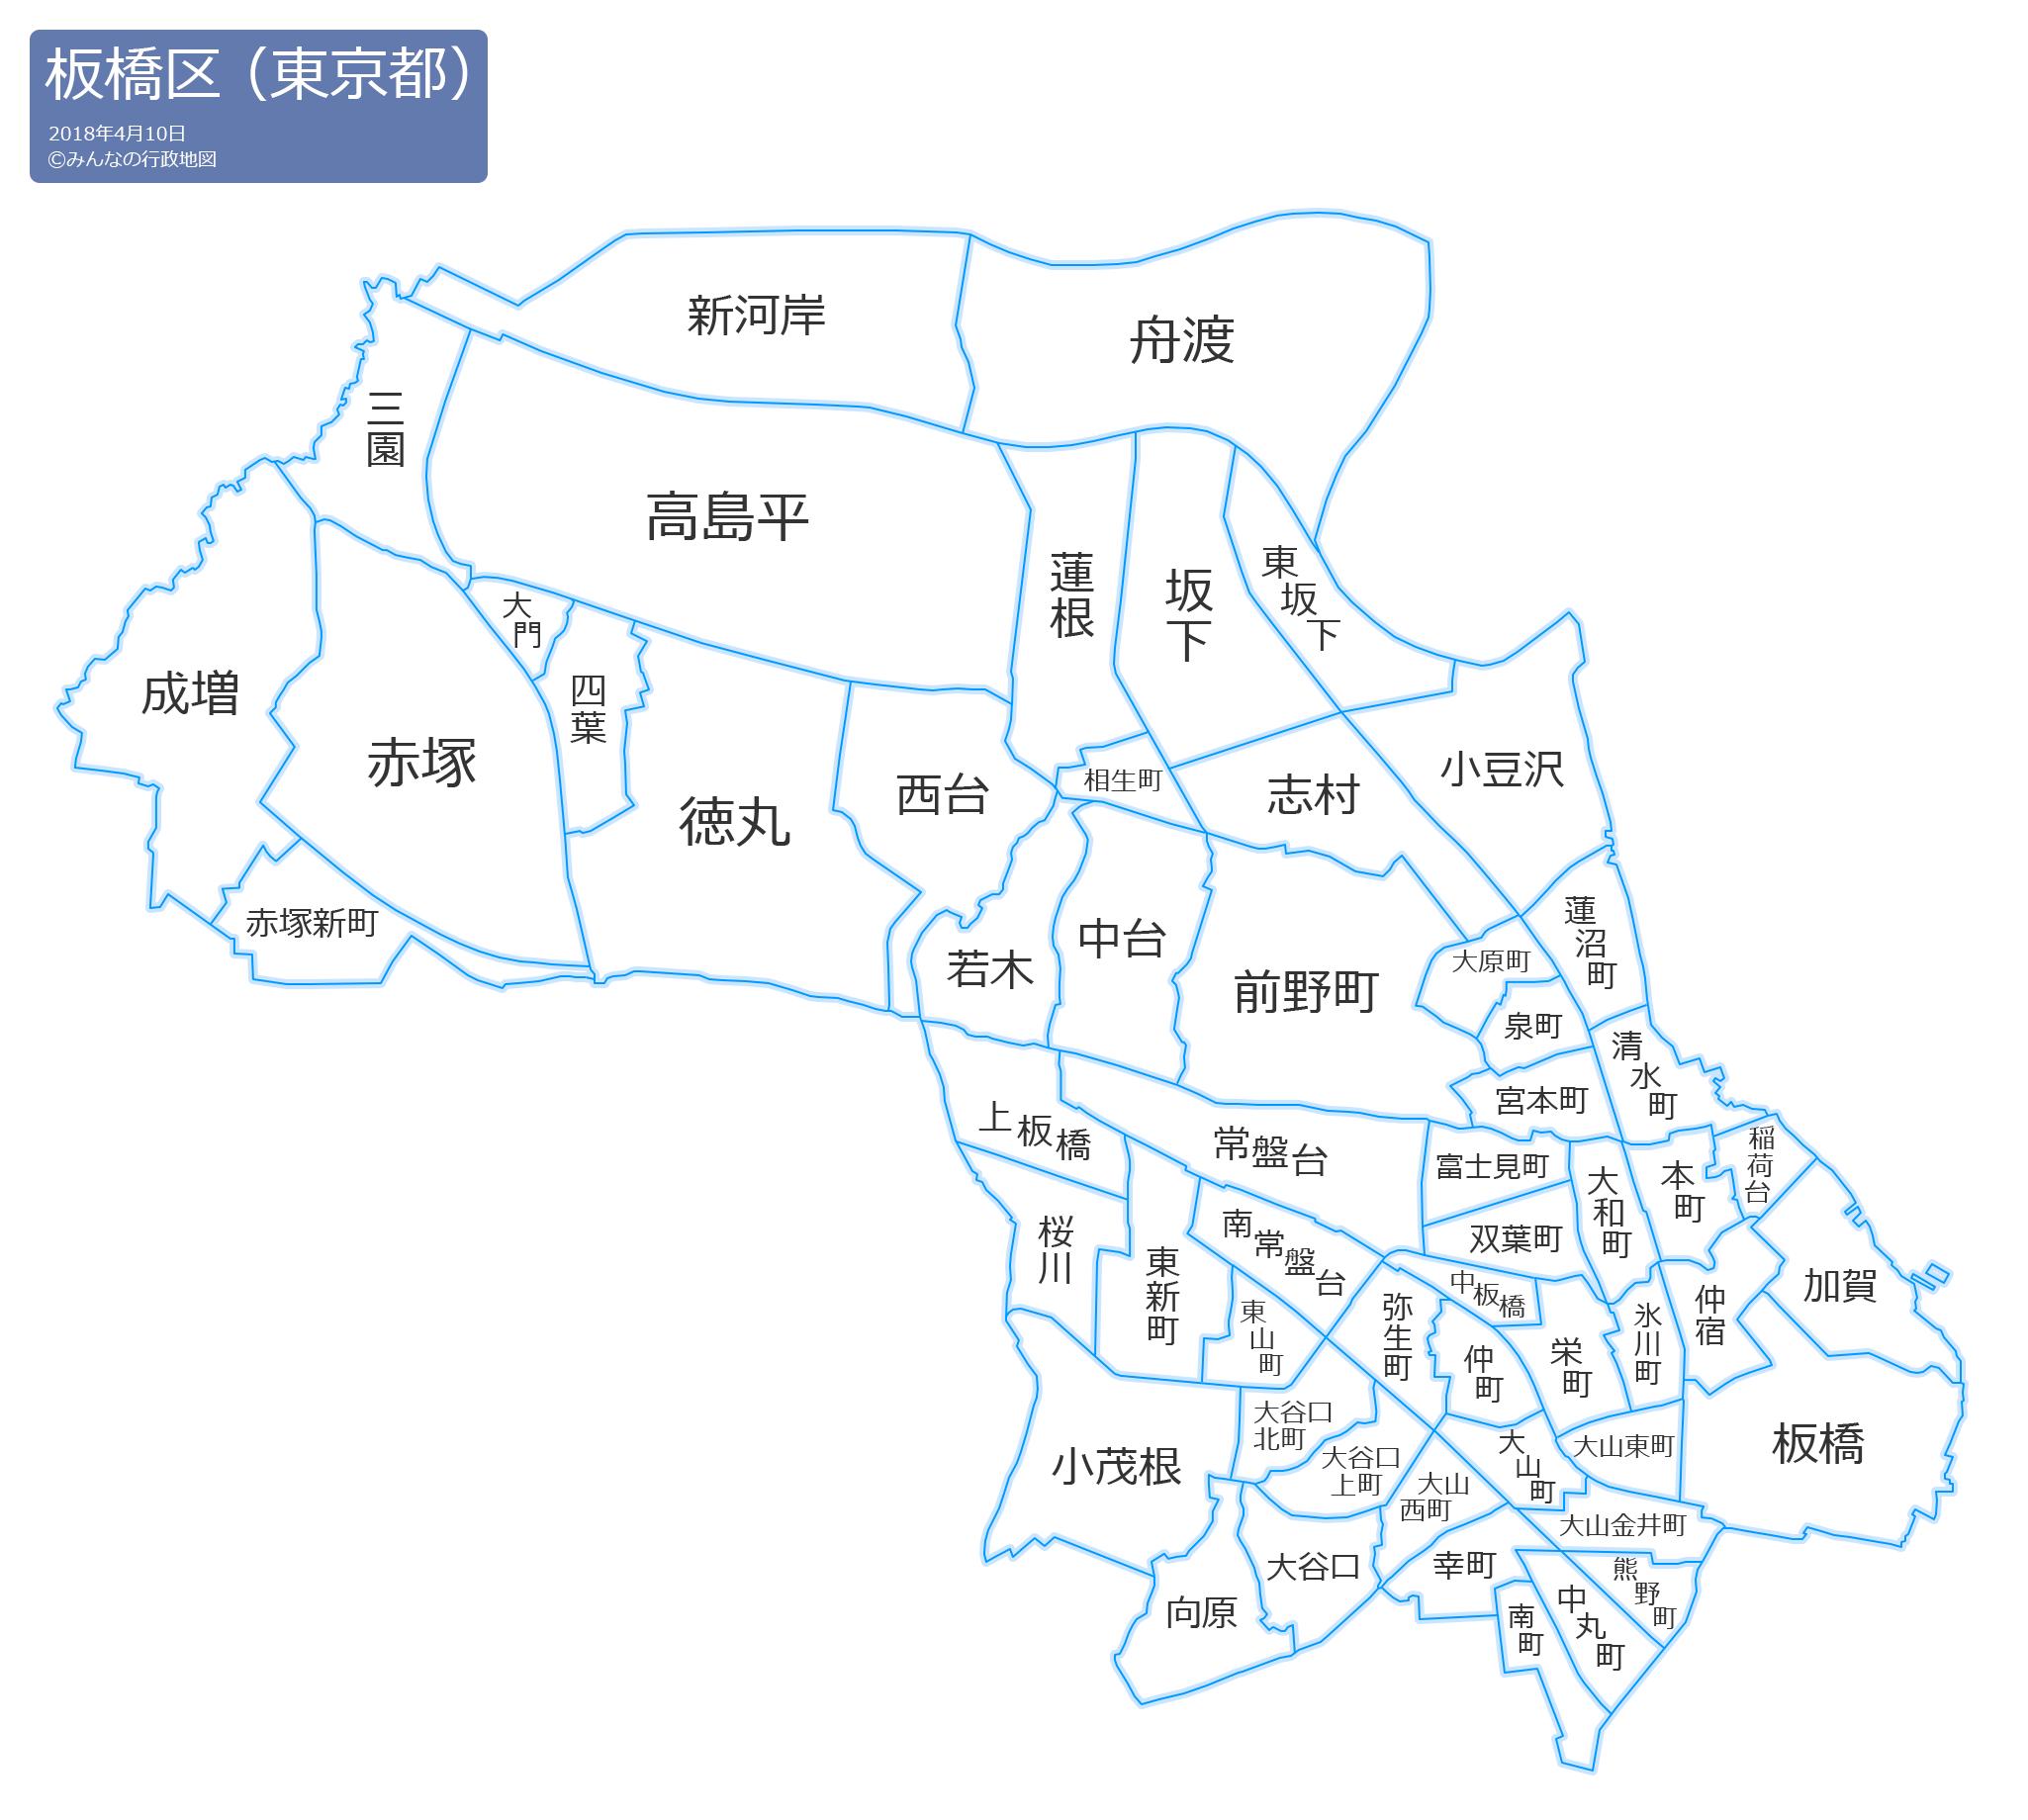 板橋区(東京都) - みんなの行政地図